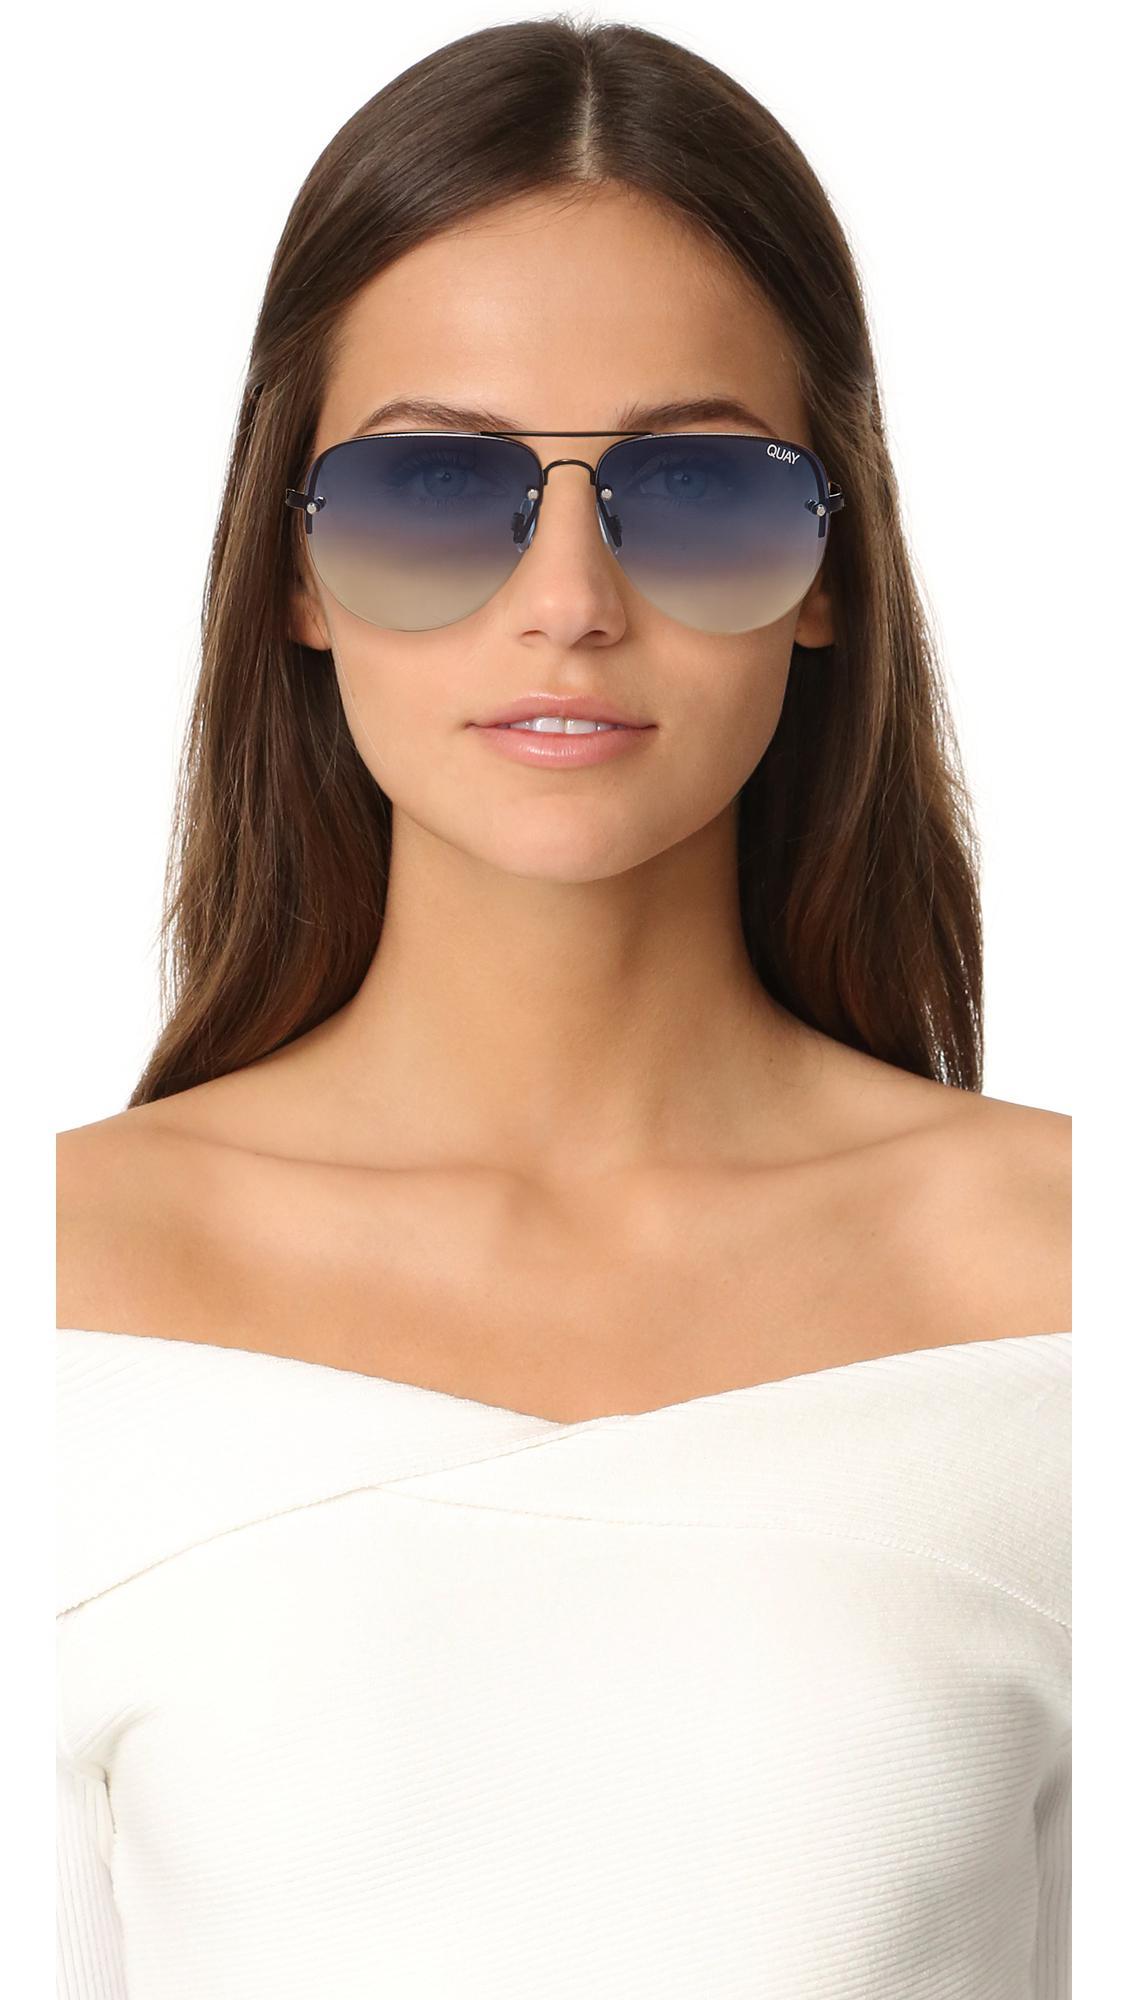 e617eed697e Lyst - Quay Muse Fade Sunglasses in Blue